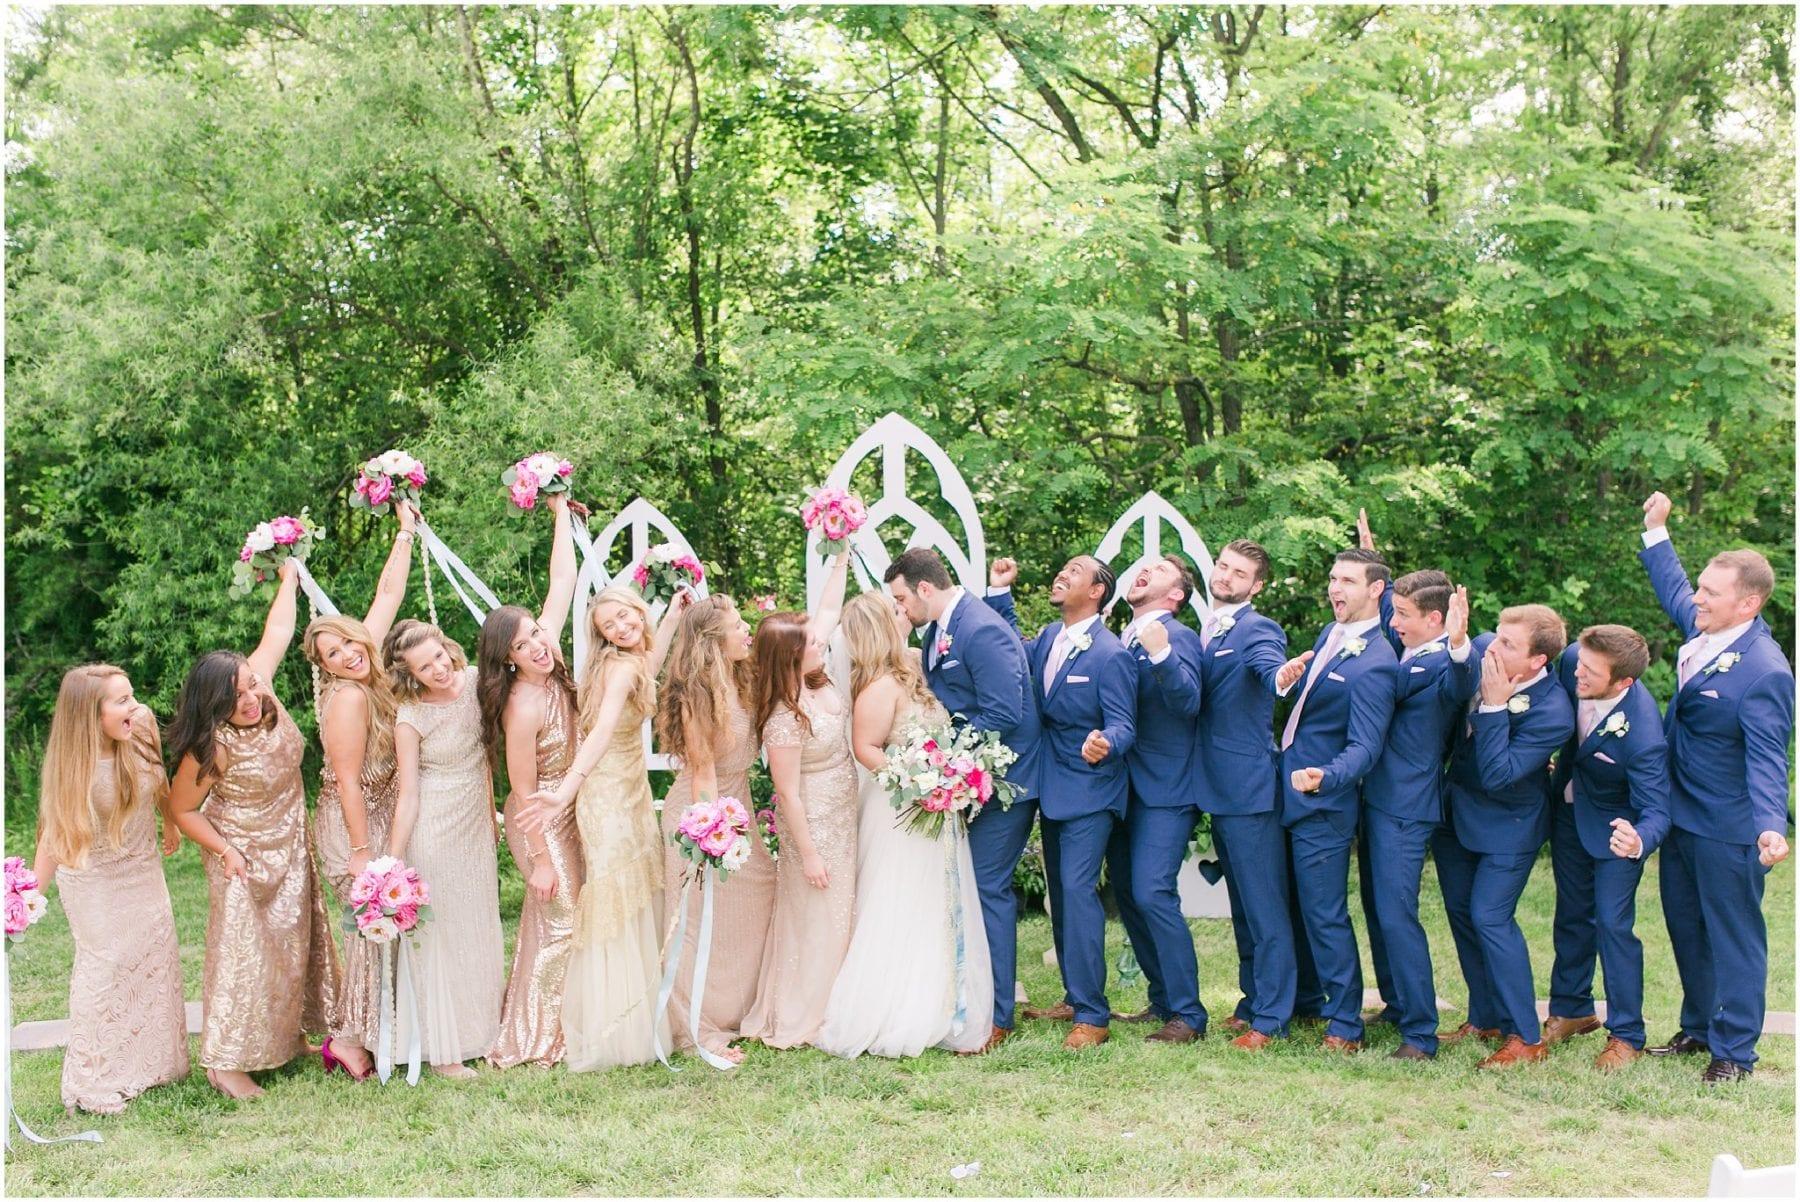 Maryland Backyard Wedding Photos Kelly & Zach Megan Kelsey Photography-138.jpg